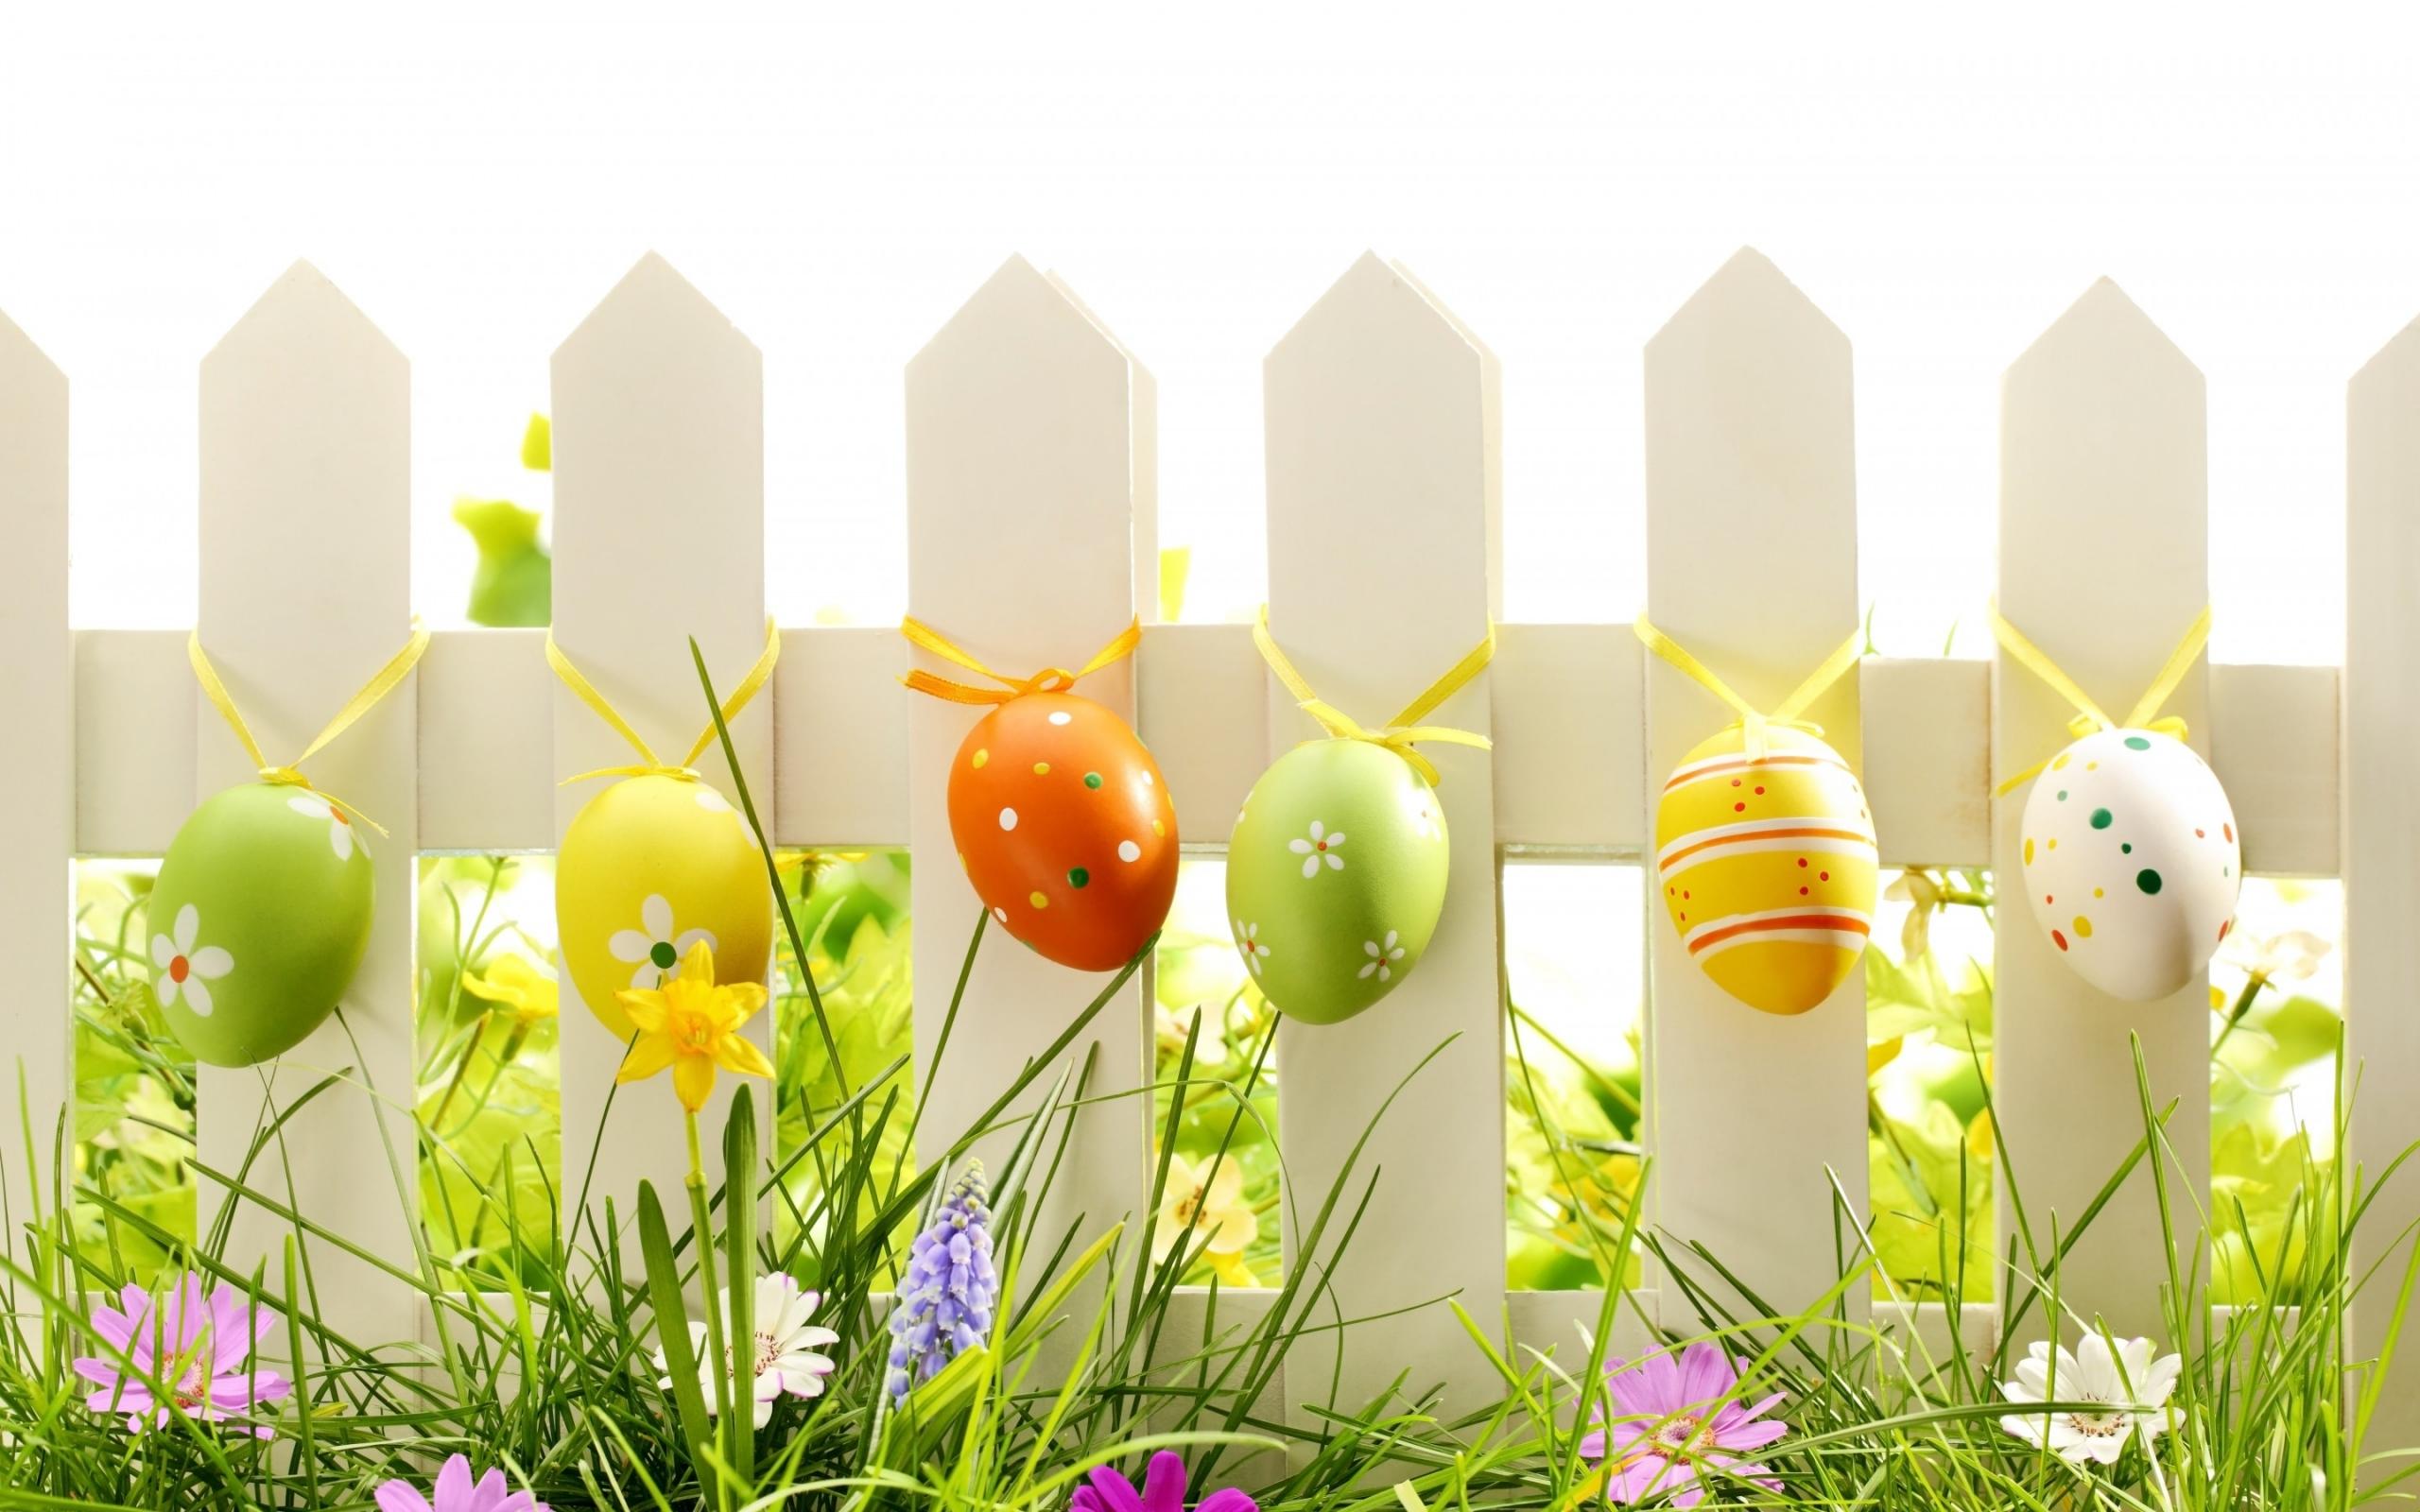 Easter 2019 Wallpaper HD AirWallpaperCom 2560x1600